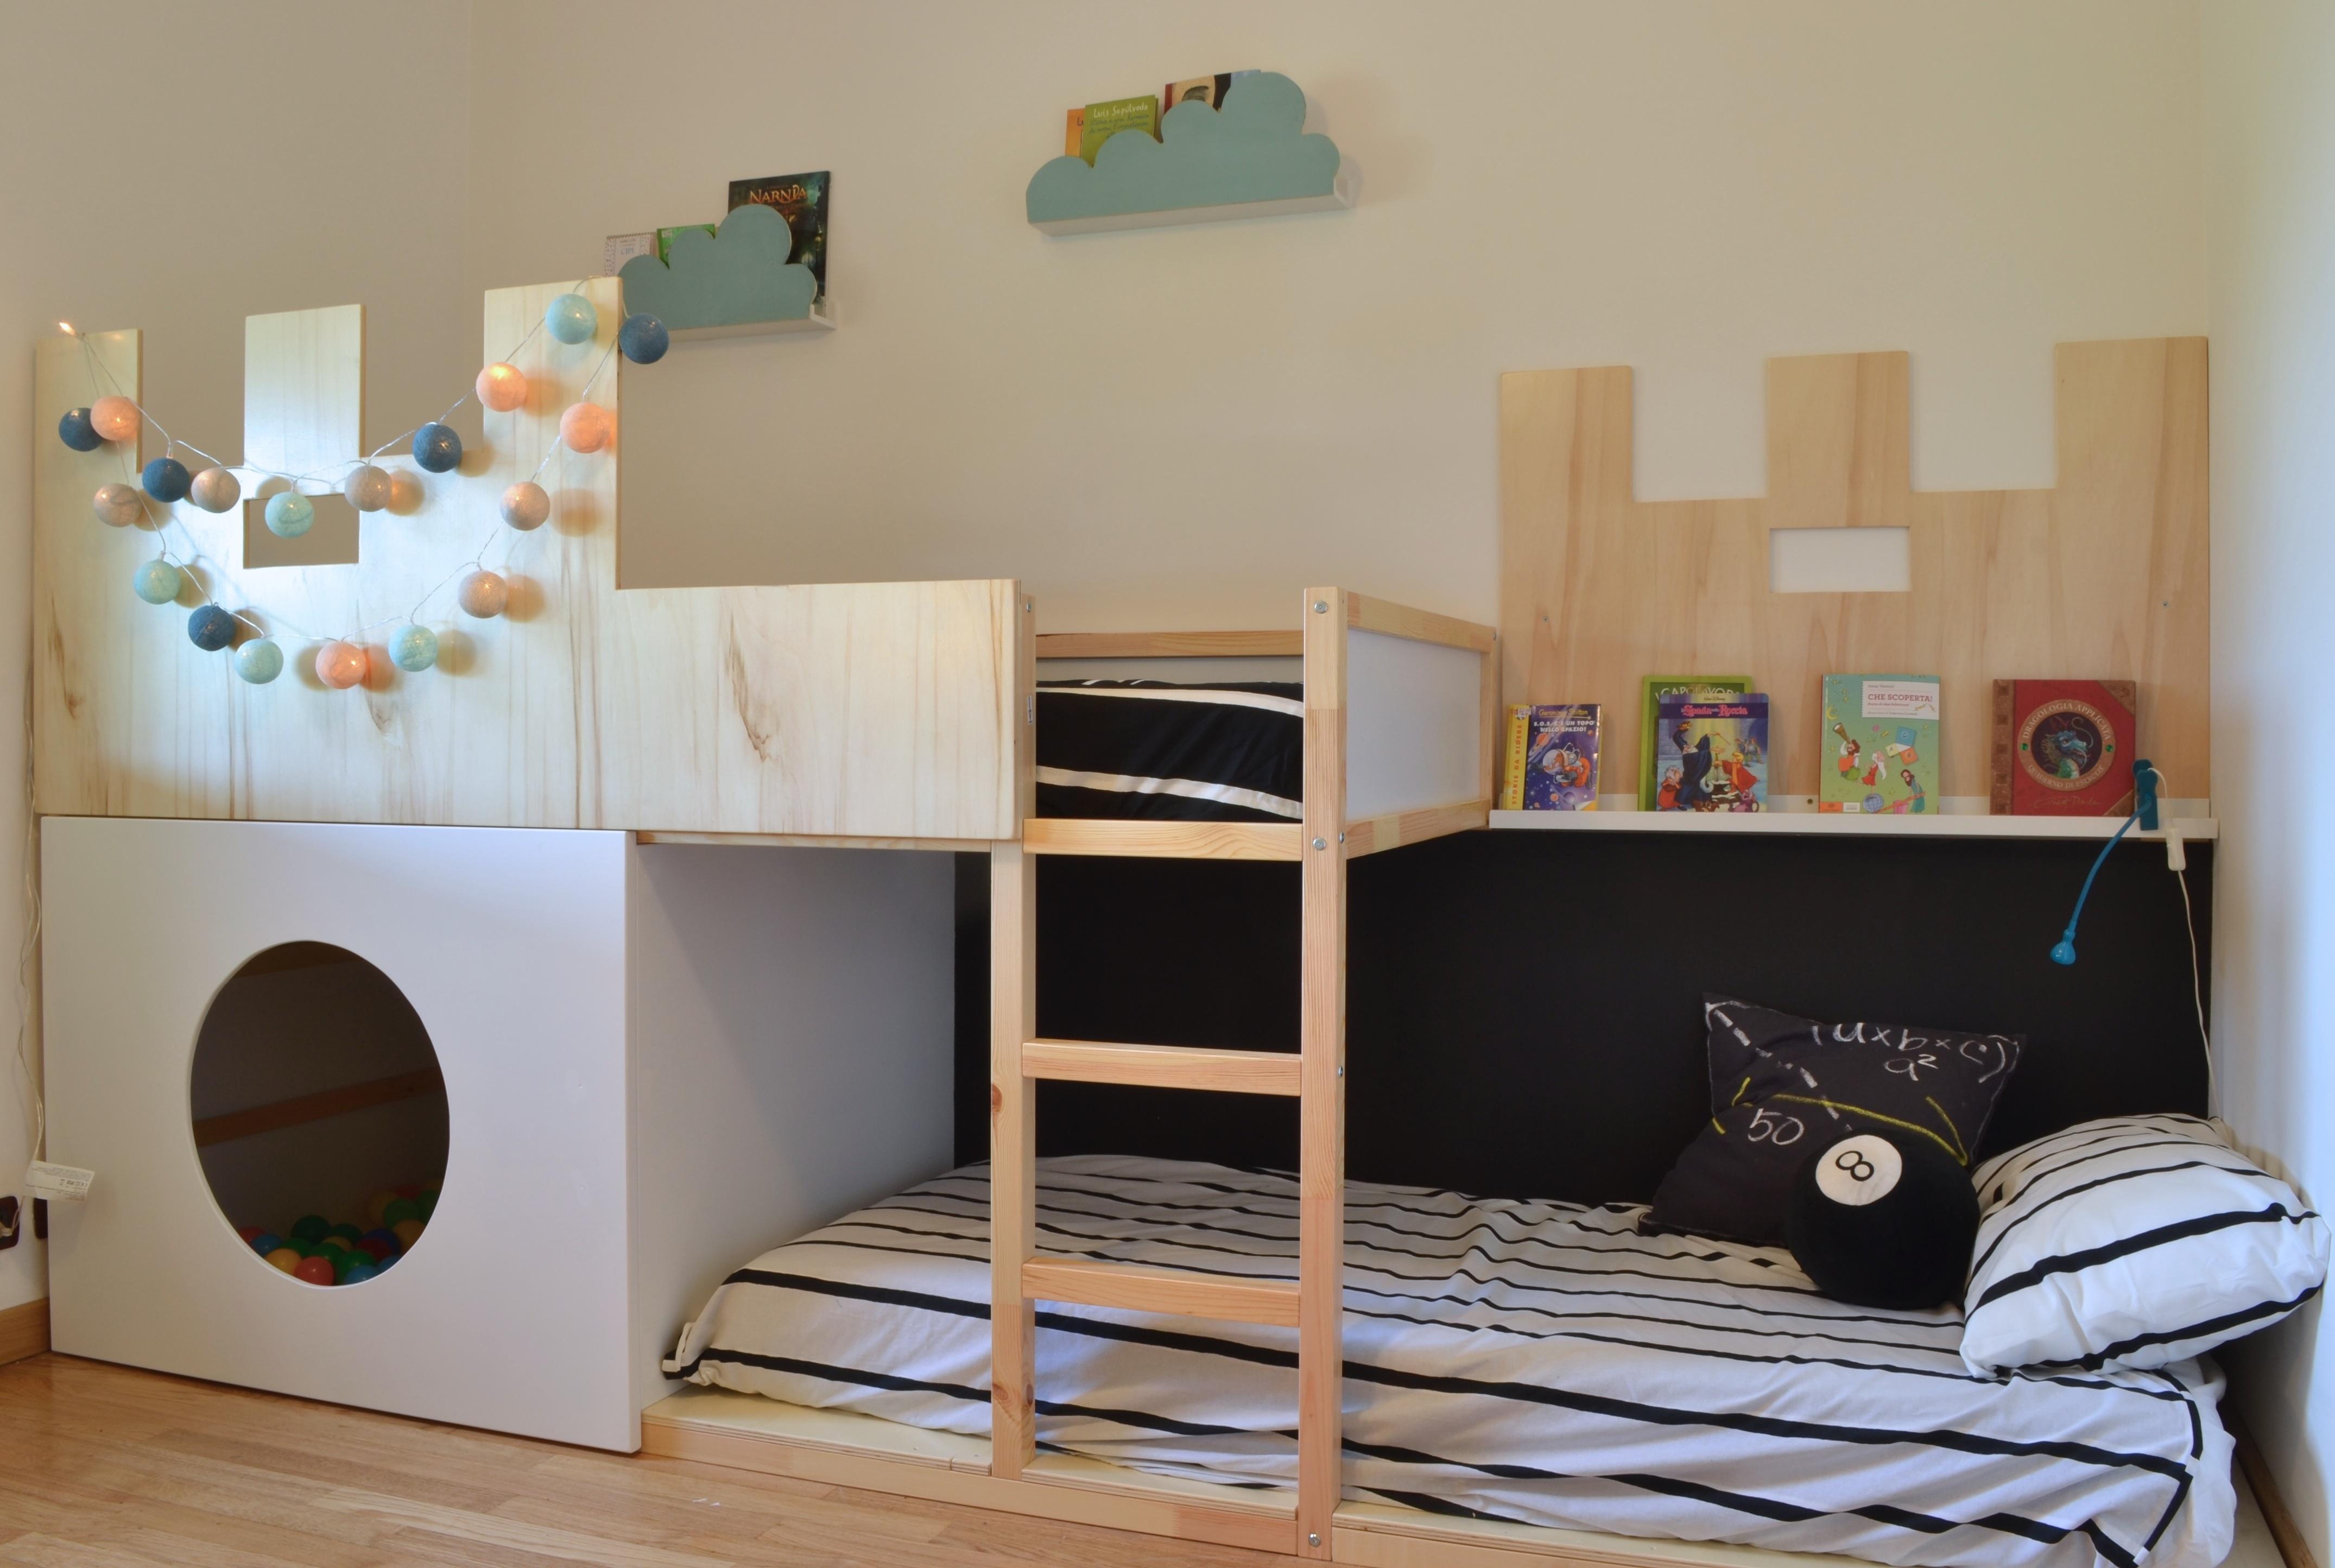 8 Ways To Customize Ikea Kura Bed